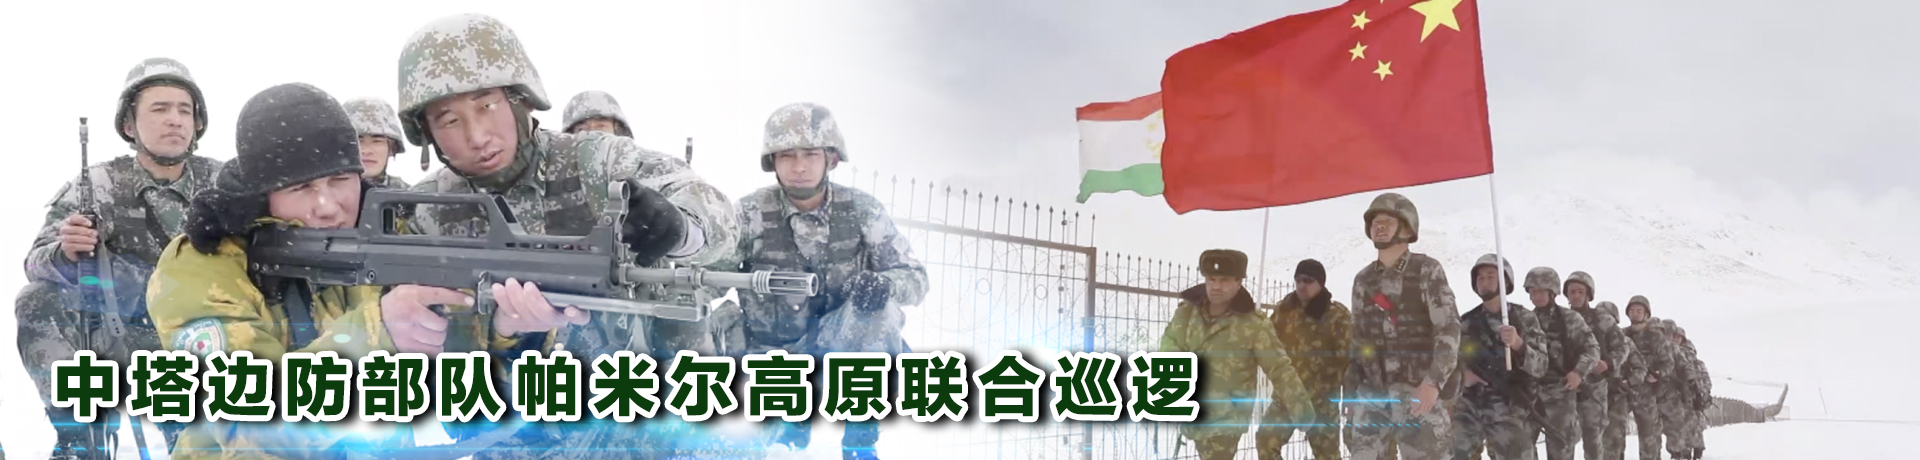 中塔边防部队帕米尔高原联合巡逻